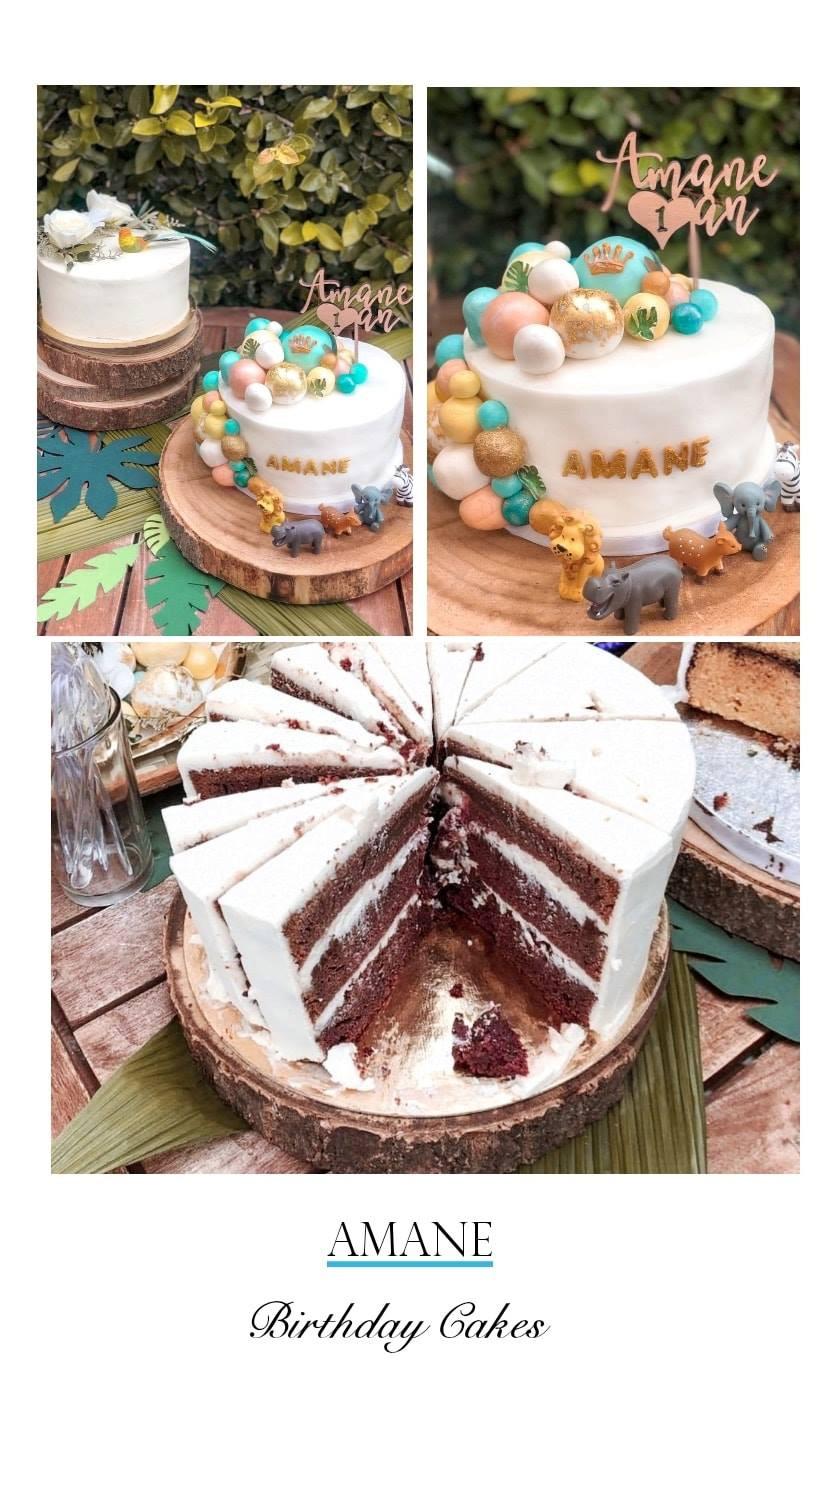 Découpe #nackedcake qui pourrait être fourré de crème contrairement au gateau décoré